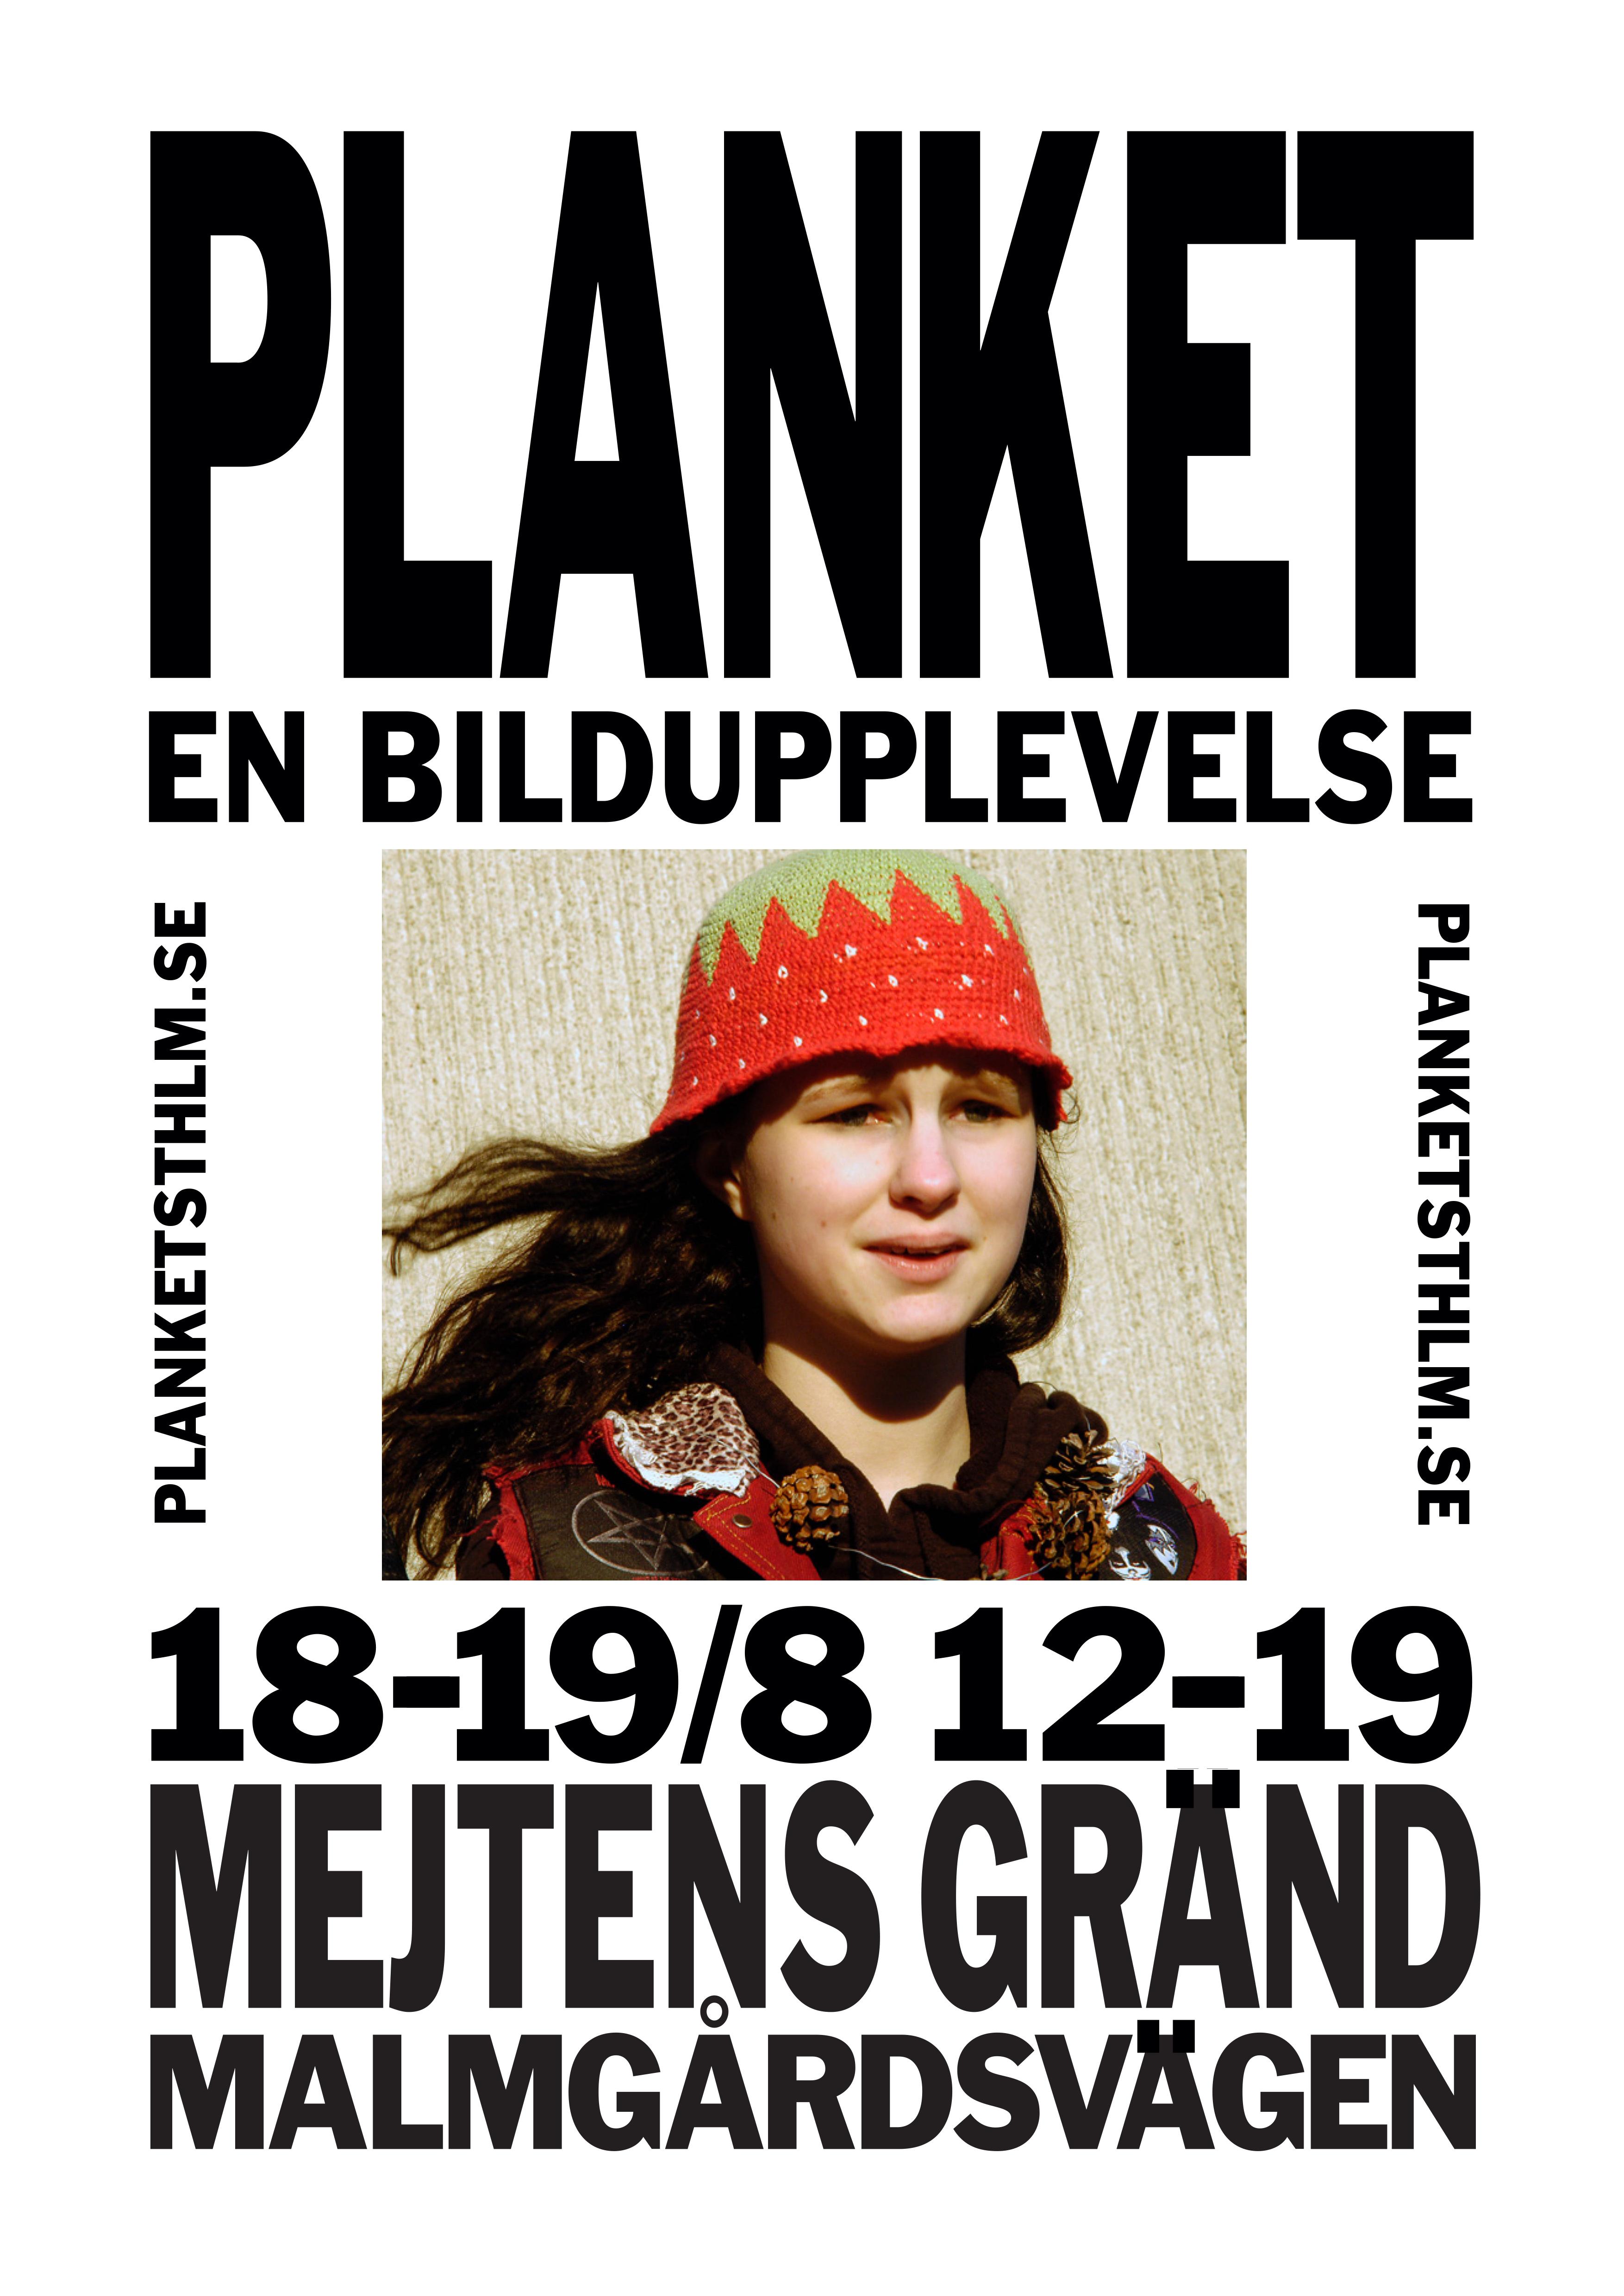 Lotte Johansson Planket Sthlm 2018